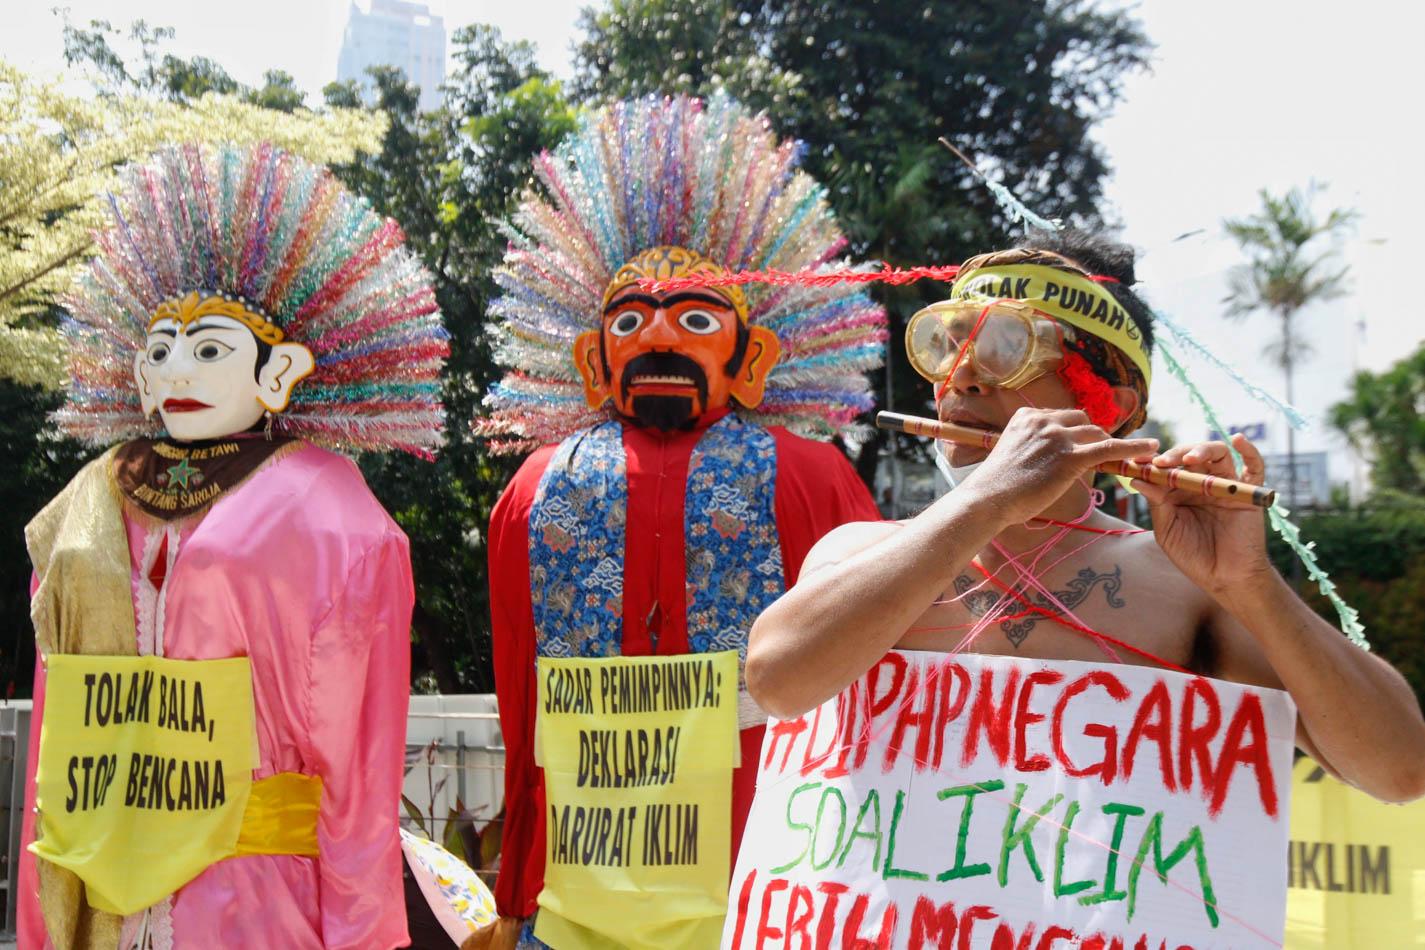 Aksi Protes Perubahan Iklim di Dukuh Atas